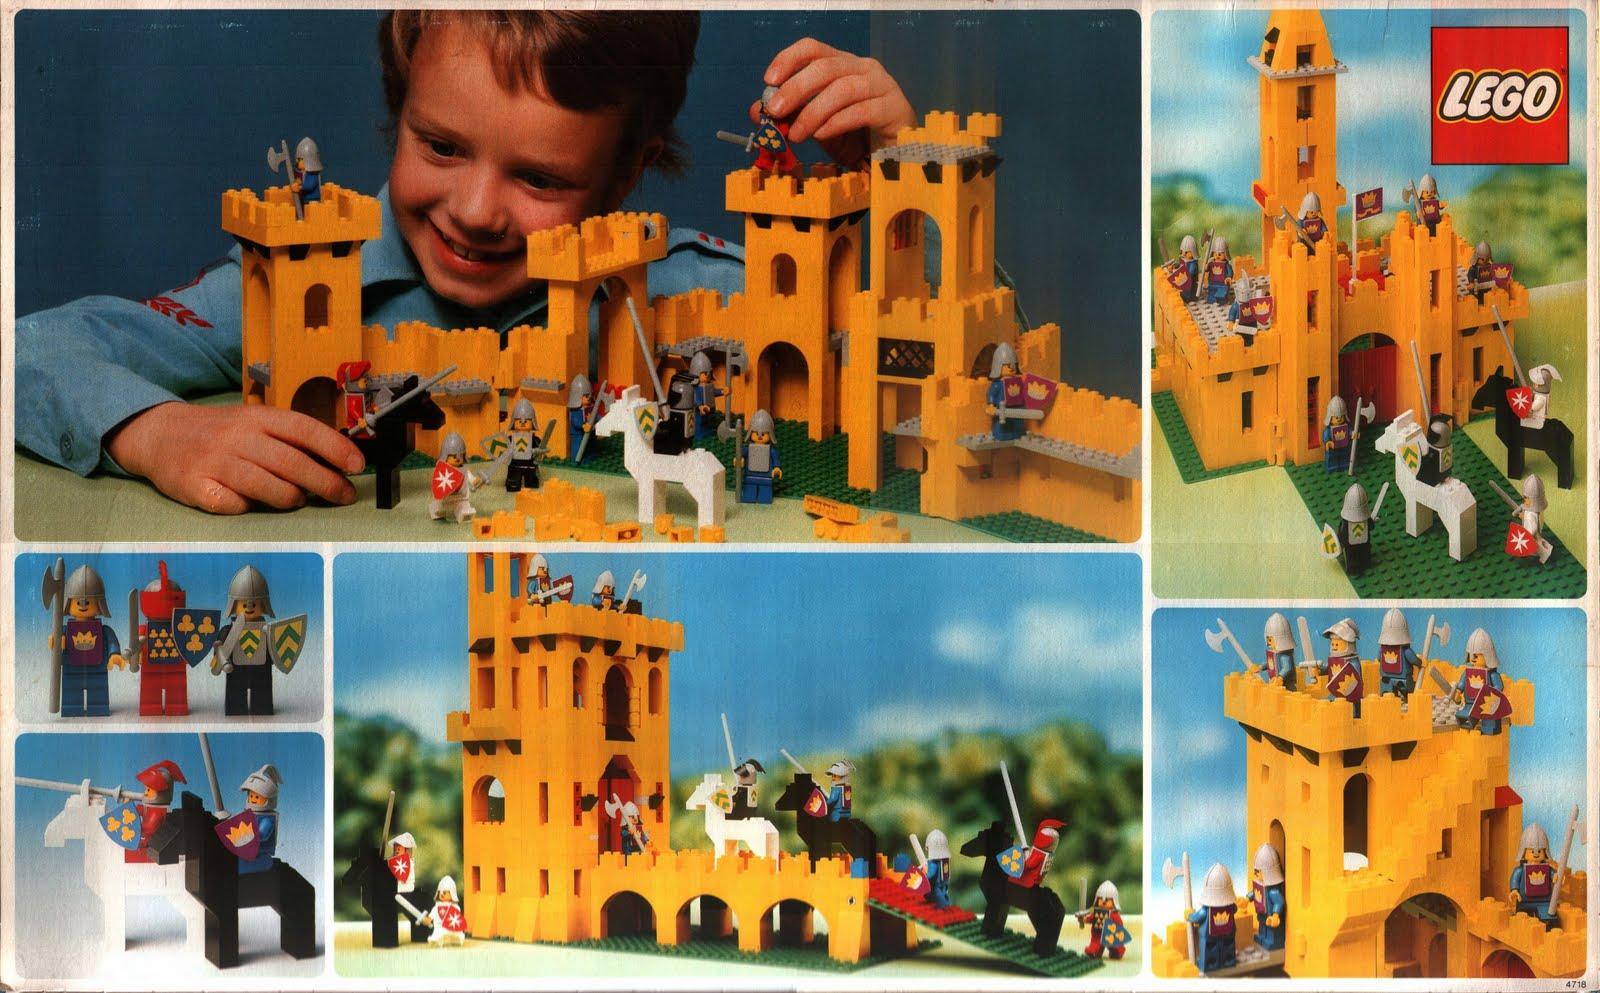 lego-castle-1978-lauren-blog-1.jpg